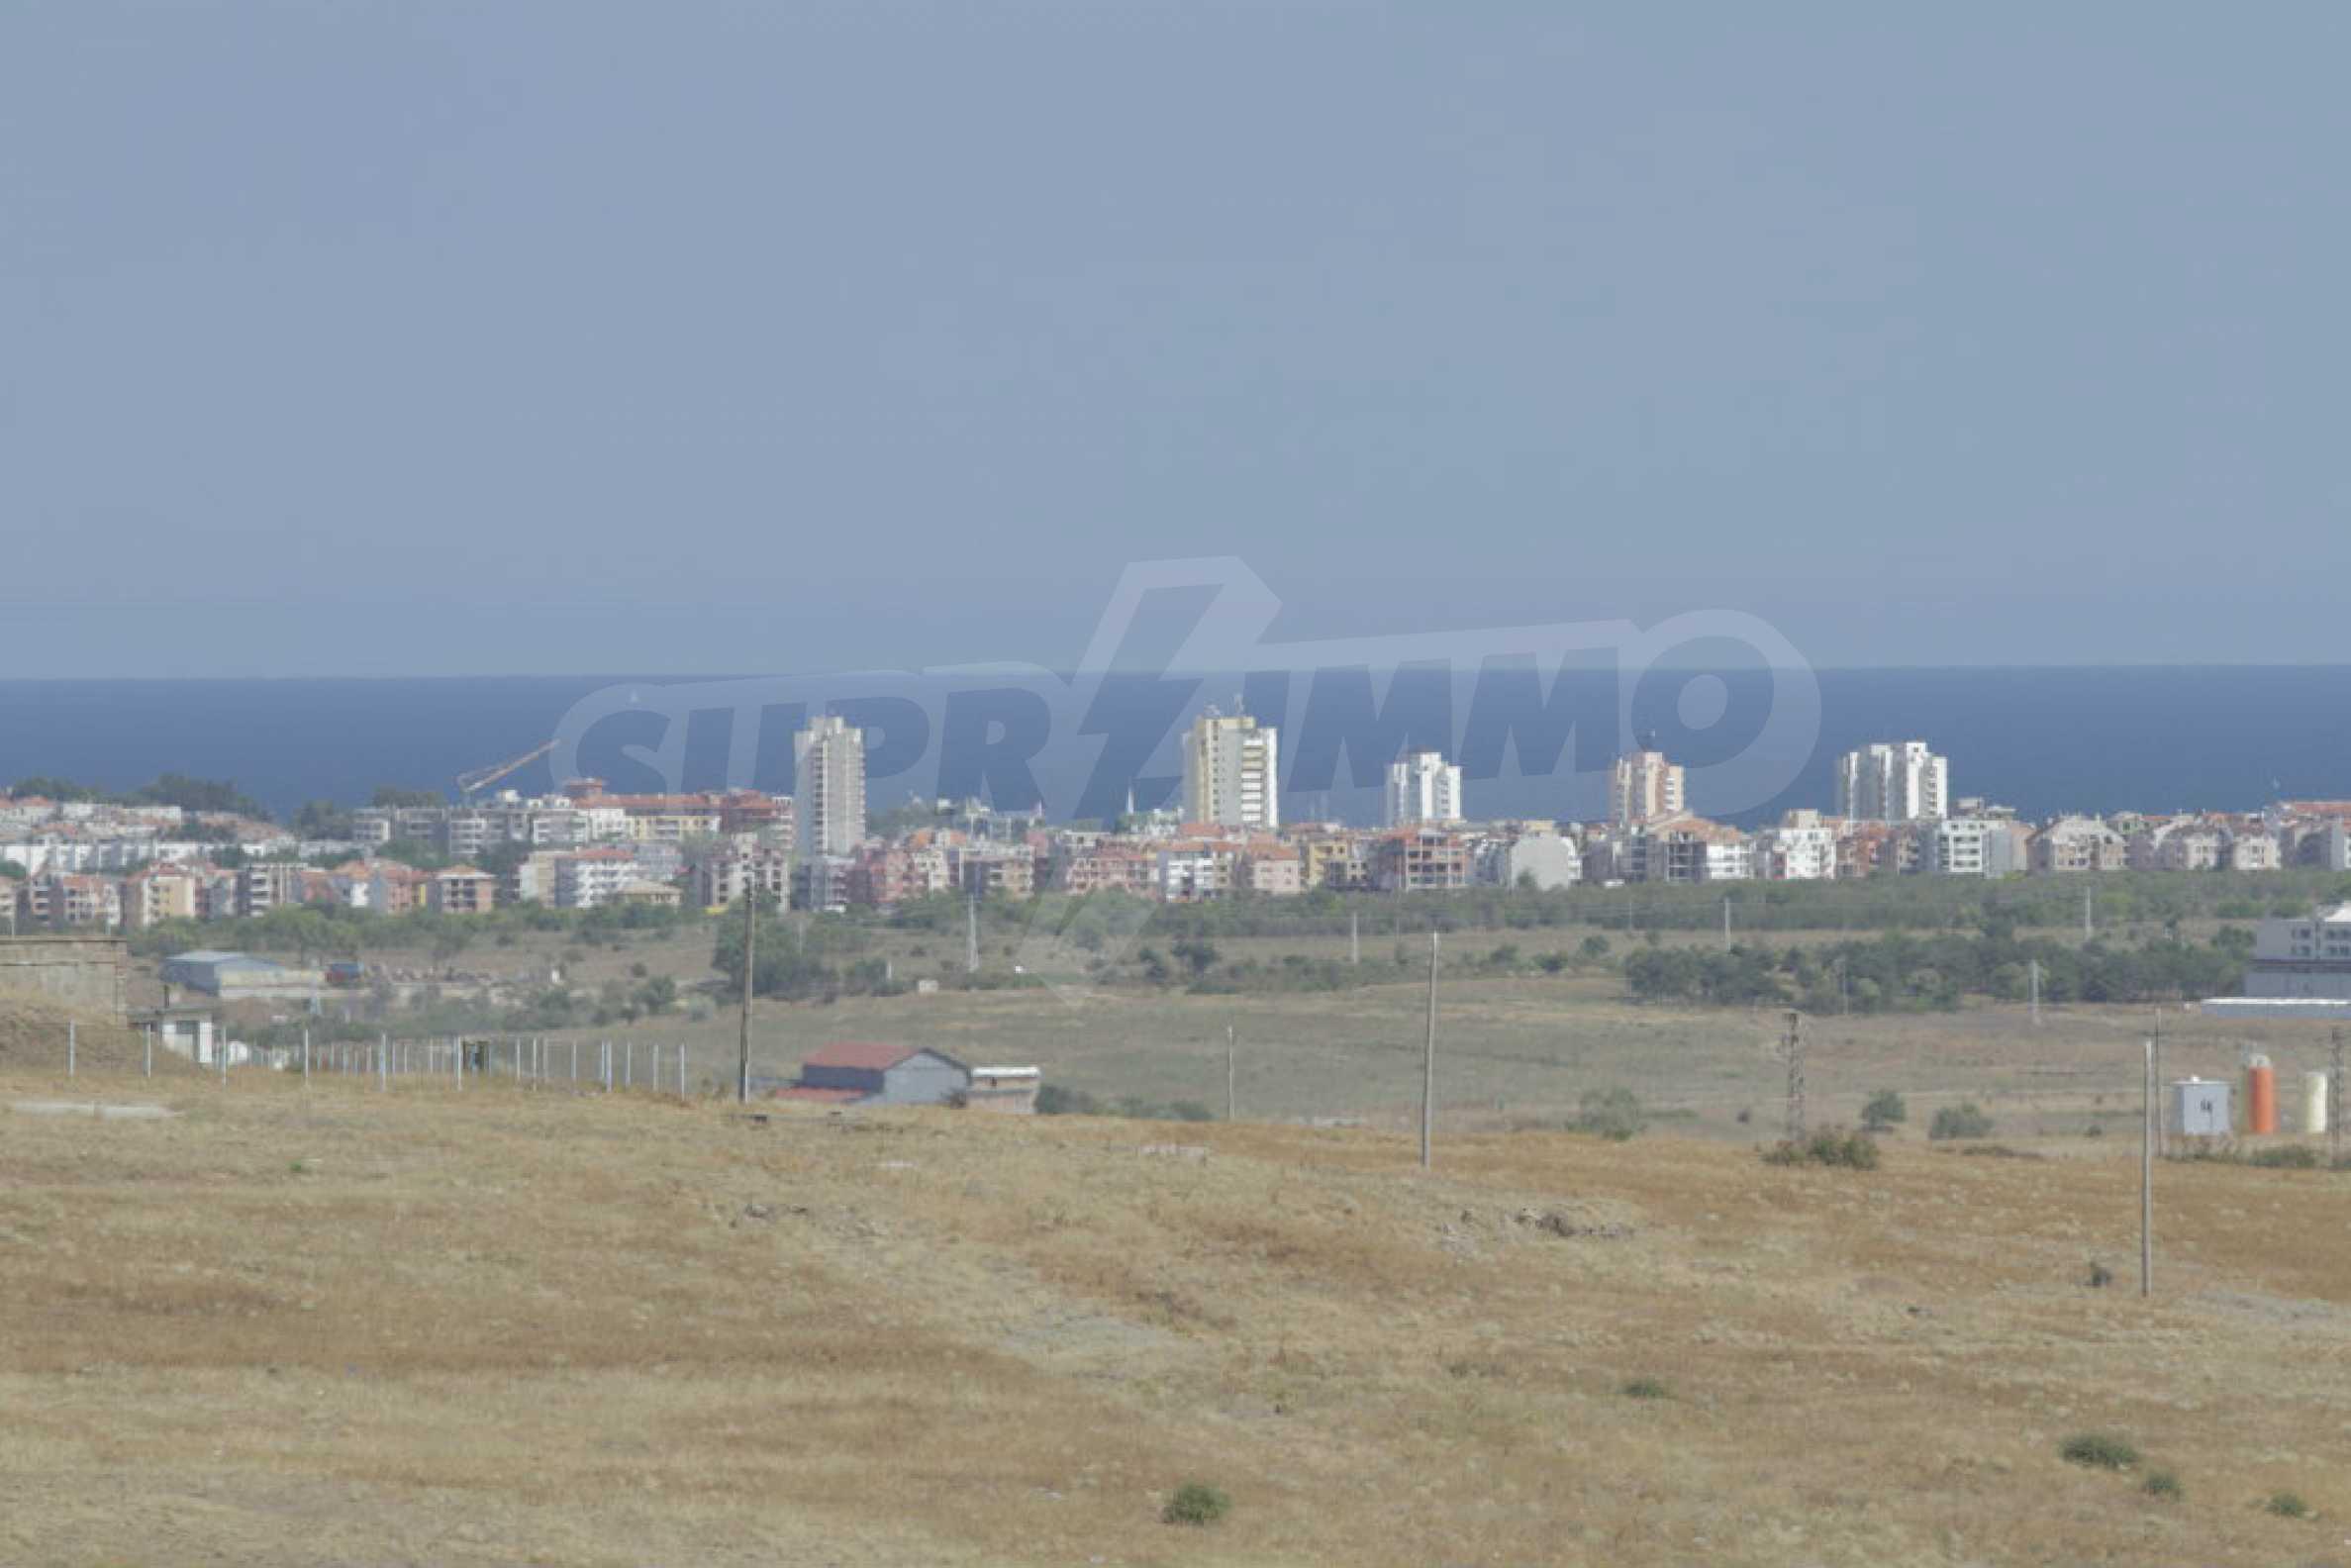 Attraktives Grundstück für Investieren in der Nähe des historischen Komplexes Aheloy 917 und Sonnenstrand, bei Tankowo und Aheloy 20